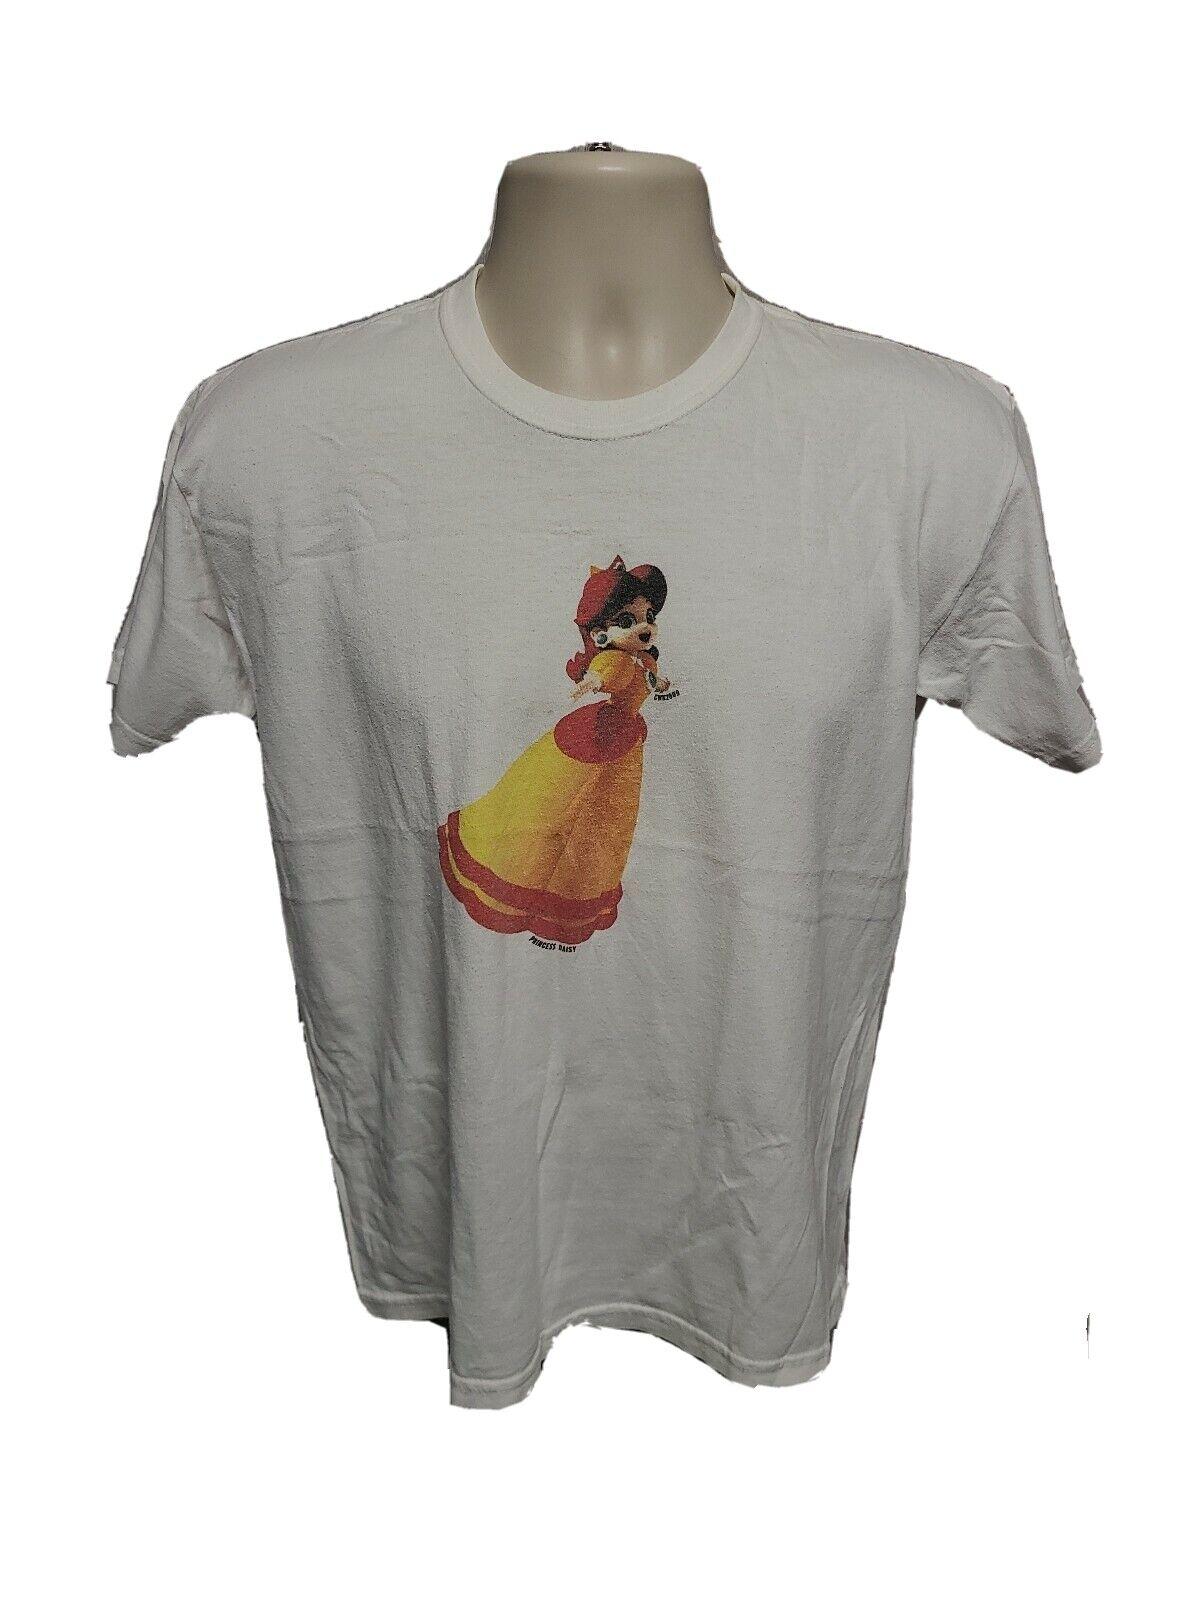 2009 Super Mario Bros Princess Daisy Kids White XL TShirt